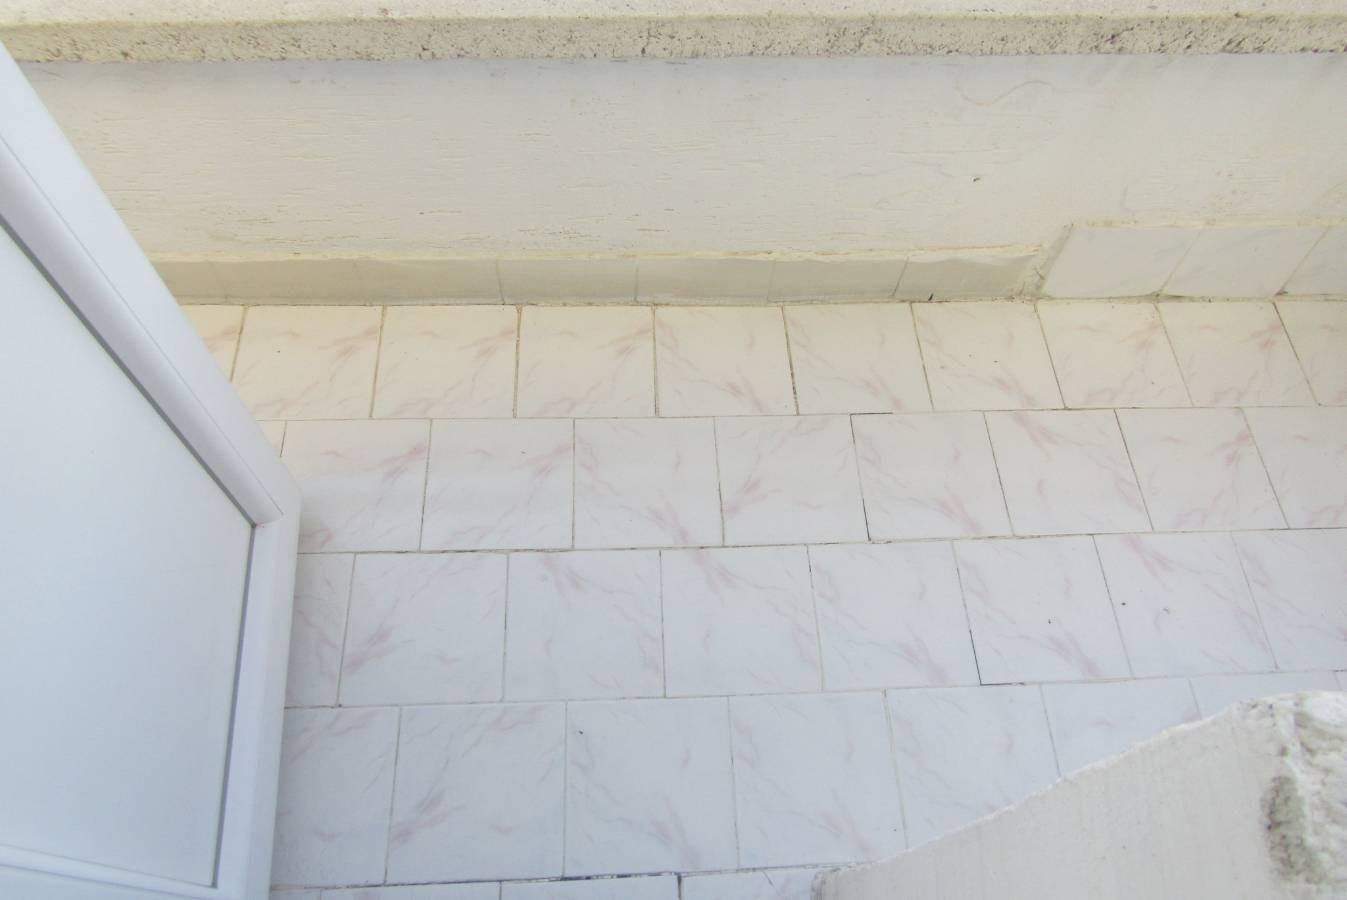 SR EMLAK'TAN TOPÇU MAH'DE 3+1 110m² ASANSÖRLÜ ARA KATTA BAĞIMSIZ TRENE YAKIN  DAİRE